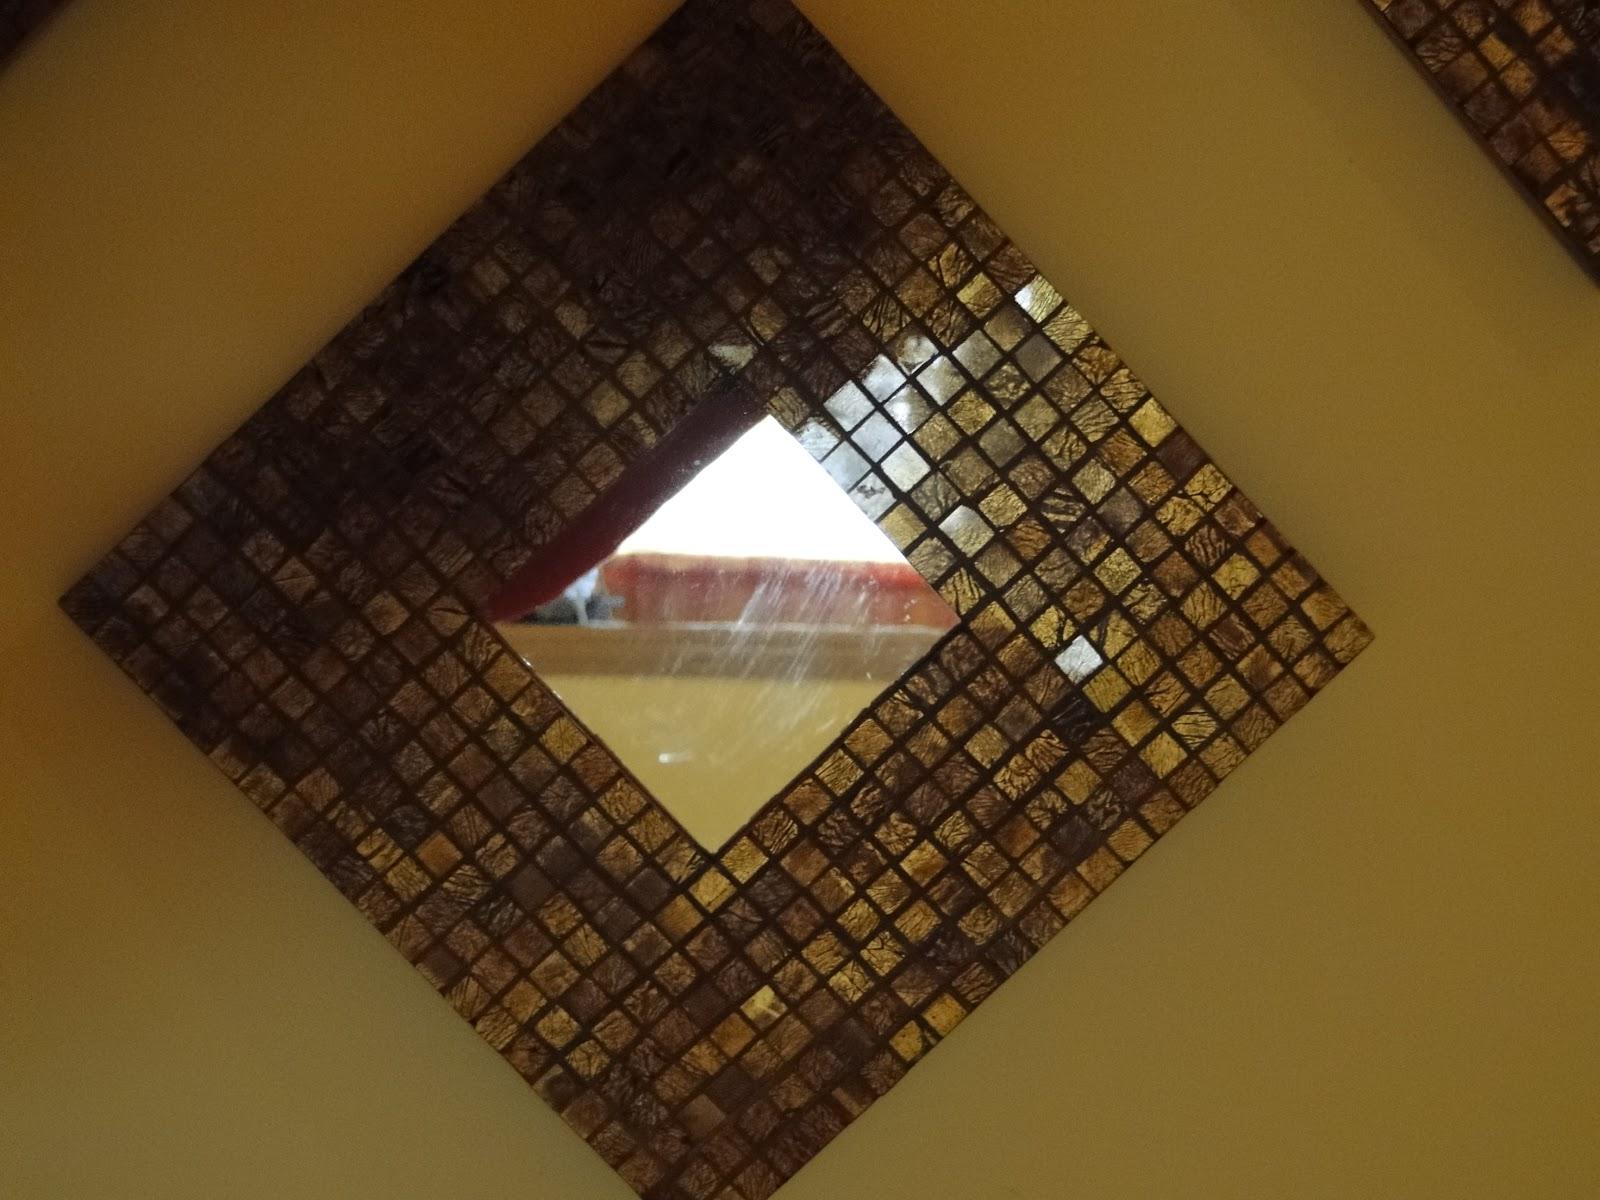 son espejos malma de ikea decorados con teselas de vidreo en tonos marrones y dorados hay muchas maneras de vuestros espejos